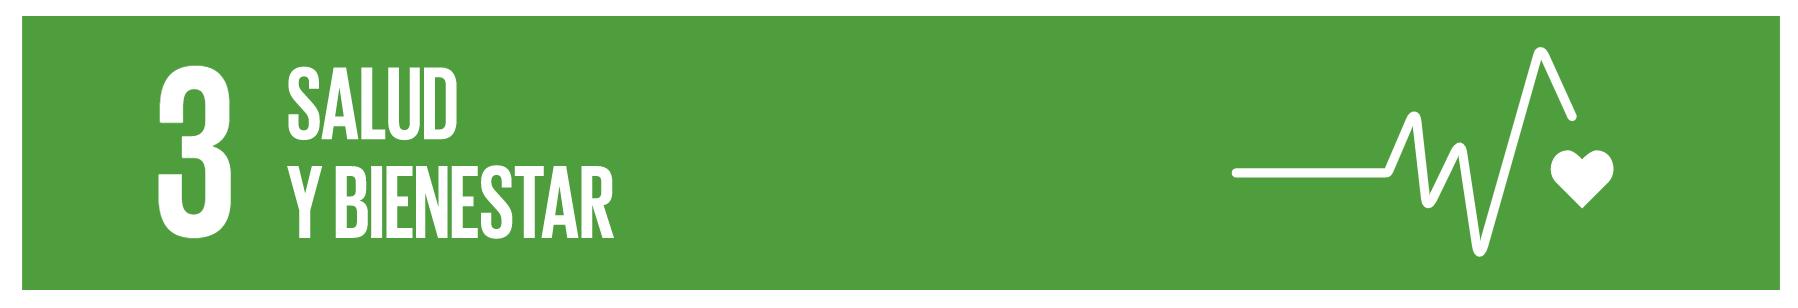 F6 - De la Empresa Saludable a la Organización Saludable en alineación con los Objetivos de Desarrollo Sostenible